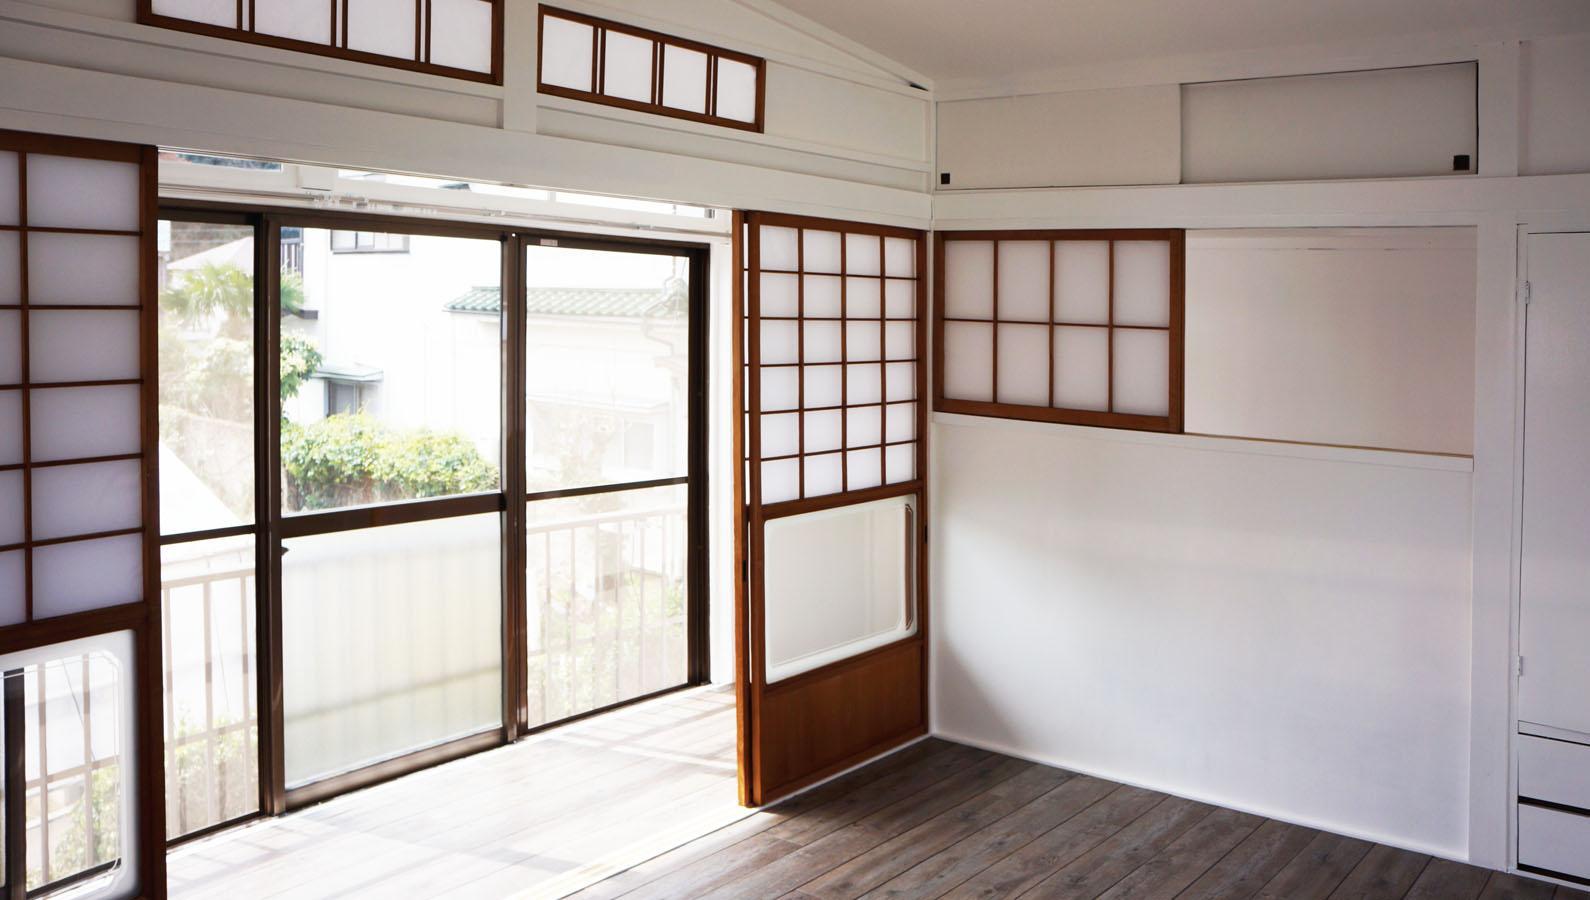 切妻屋根と梁型と広い庭 (横浜市金沢区釜利谷東の物件) - 東京R不動産